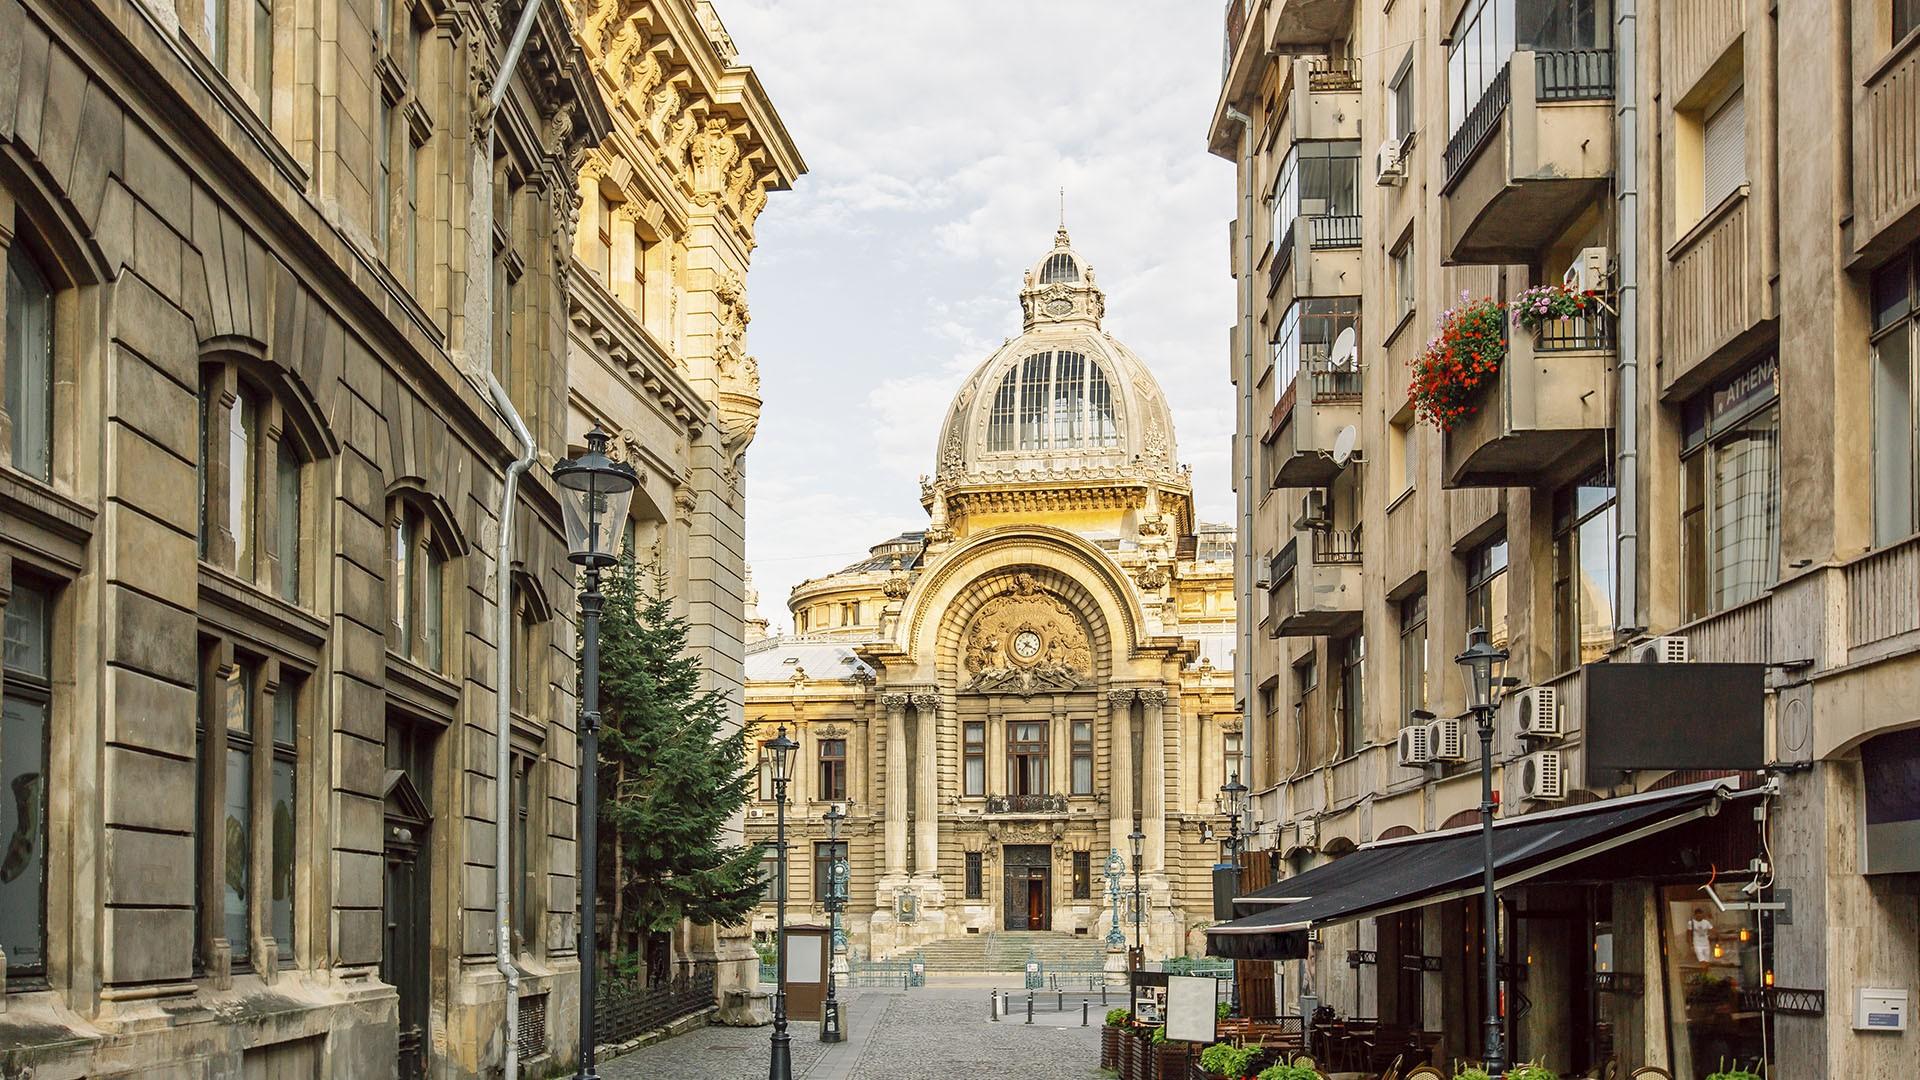 جيران الليبسكان - بوخارست - رومانيا